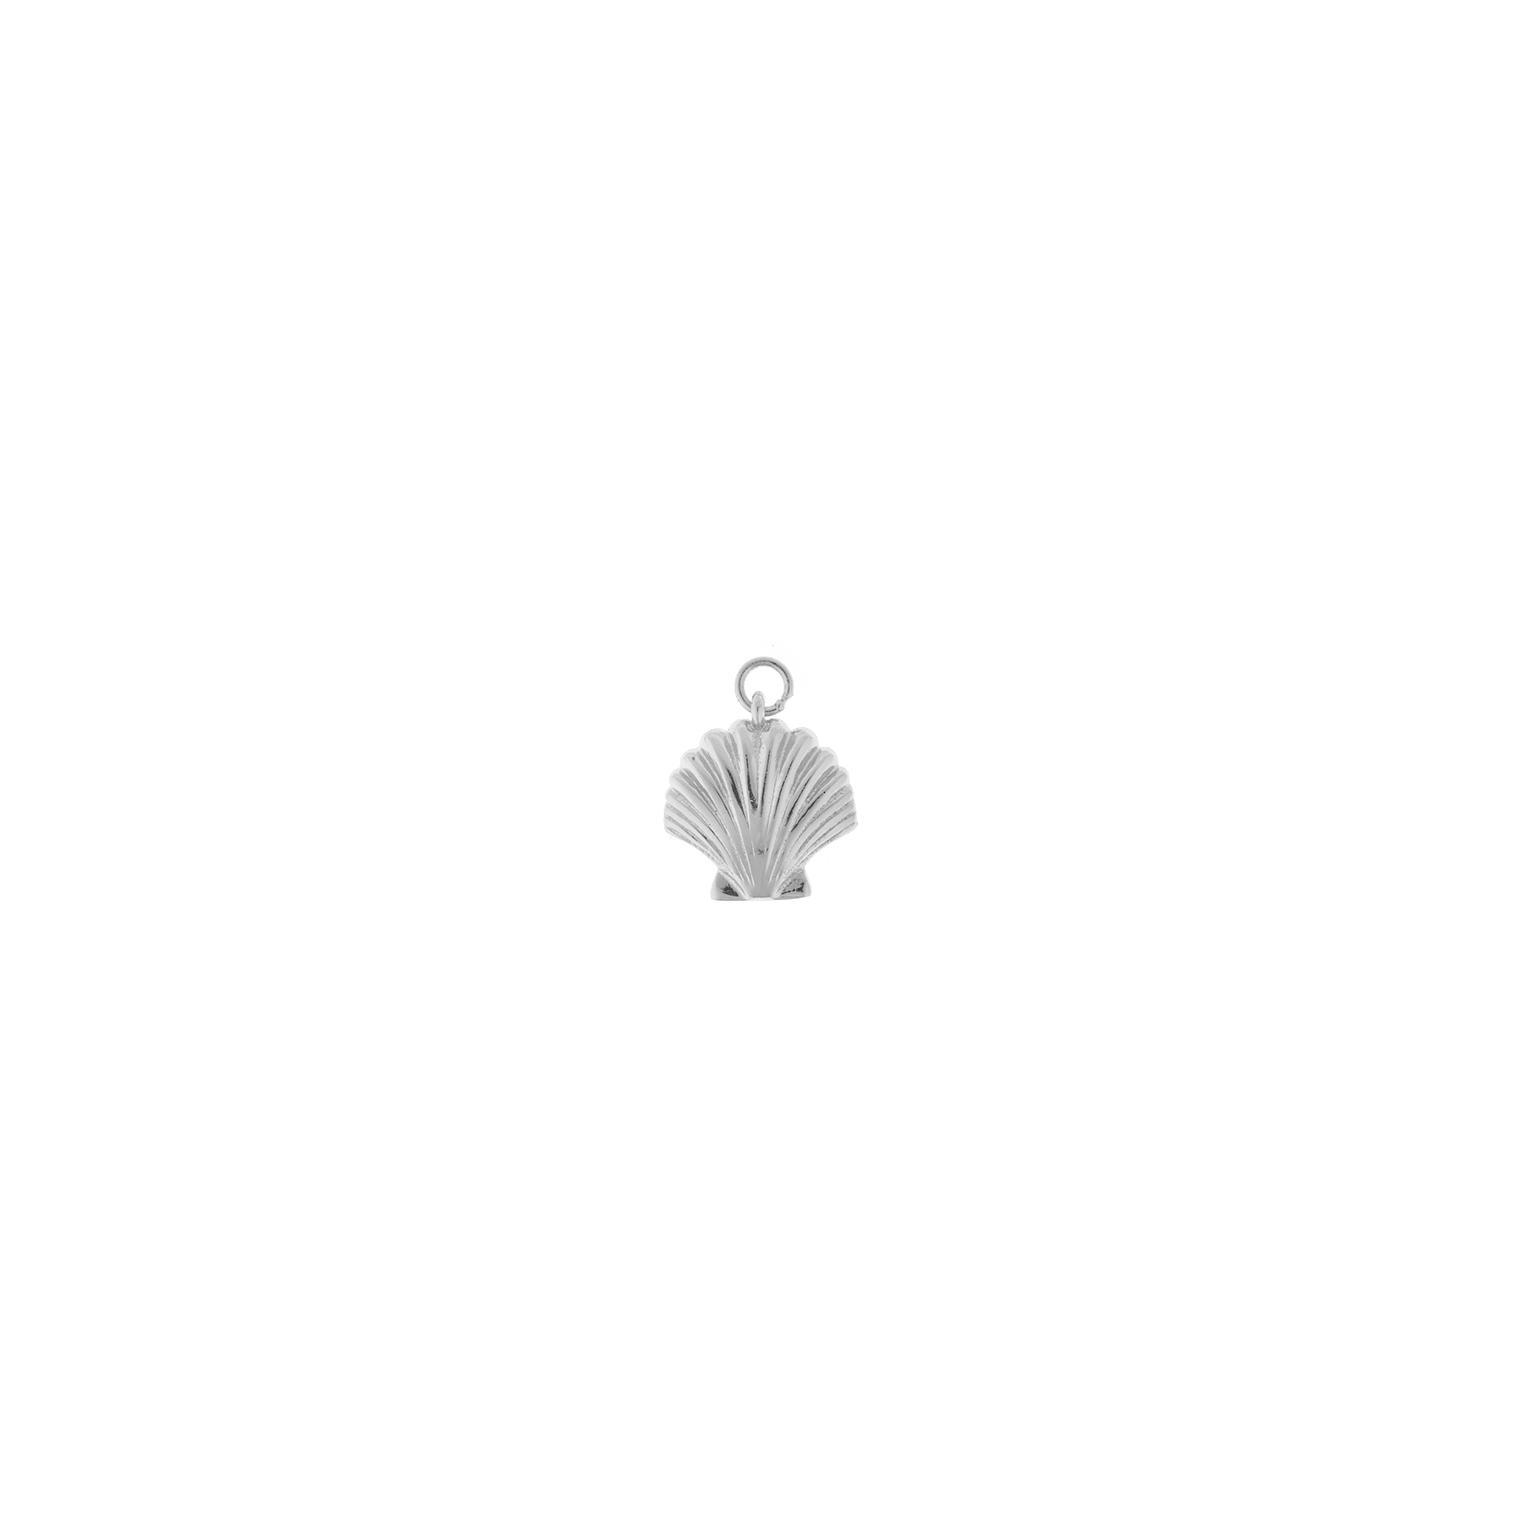 Charm plata Salvatore con forma de concha